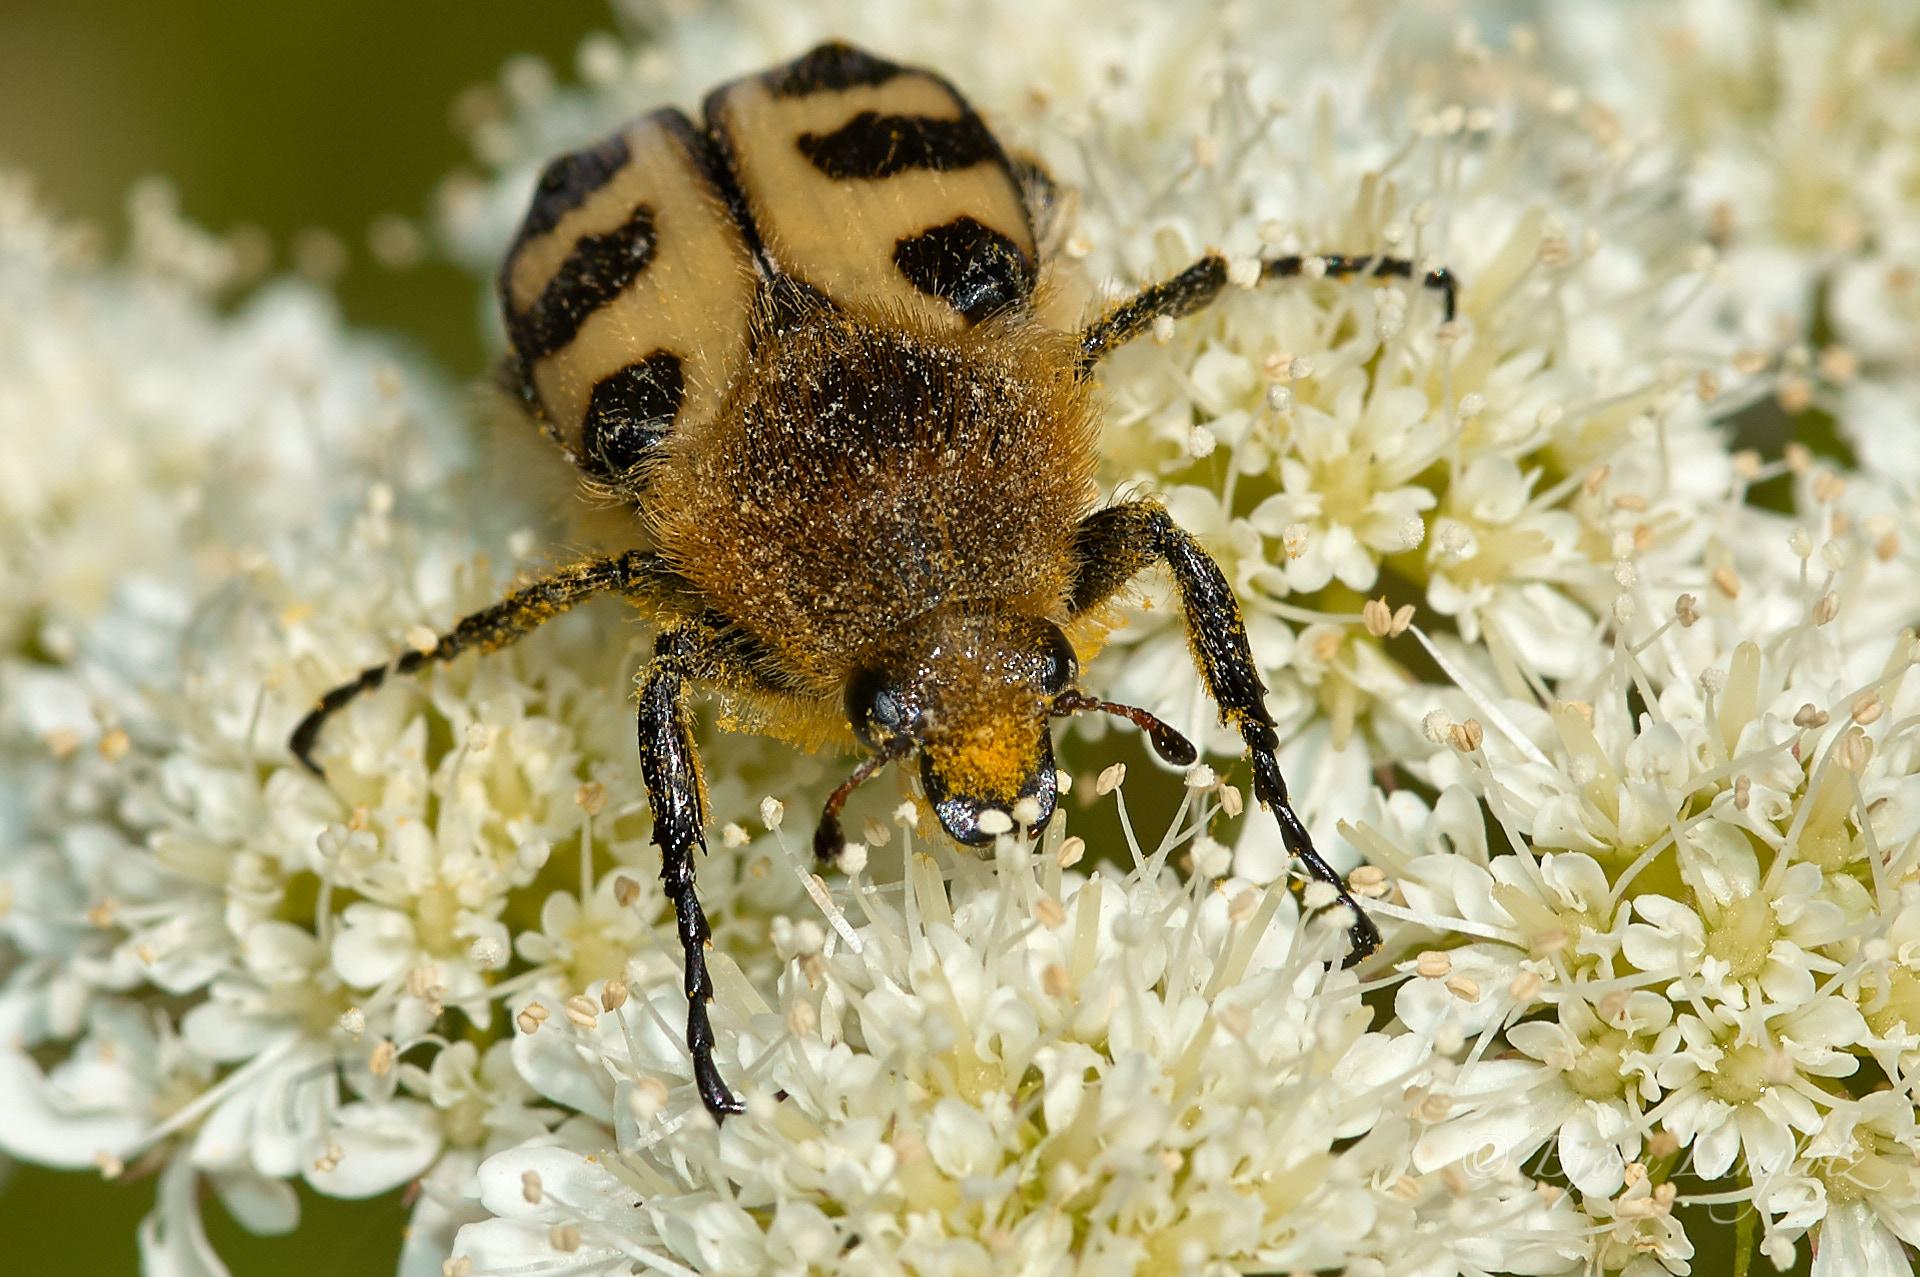 Der Glattschienige Pinselkäfer (Trichius gallicus) ist ein hübscher Käfer.Kamera: NIKON D3x Brennweite: 105mm 1/200 s bei Blende f/8.0